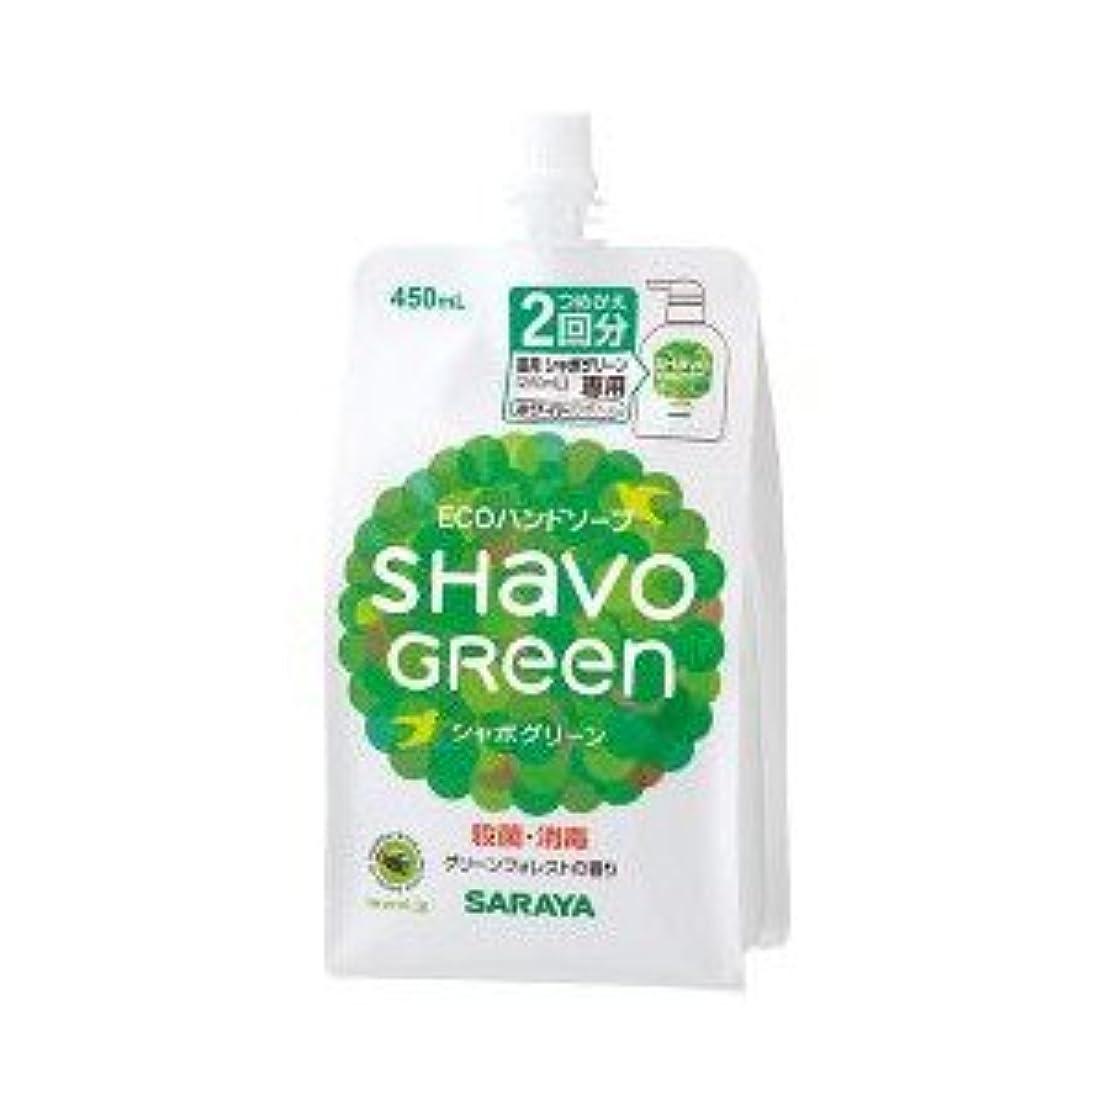 最小線形専制シャボグリーンソープ 詰替用 × 3個セット